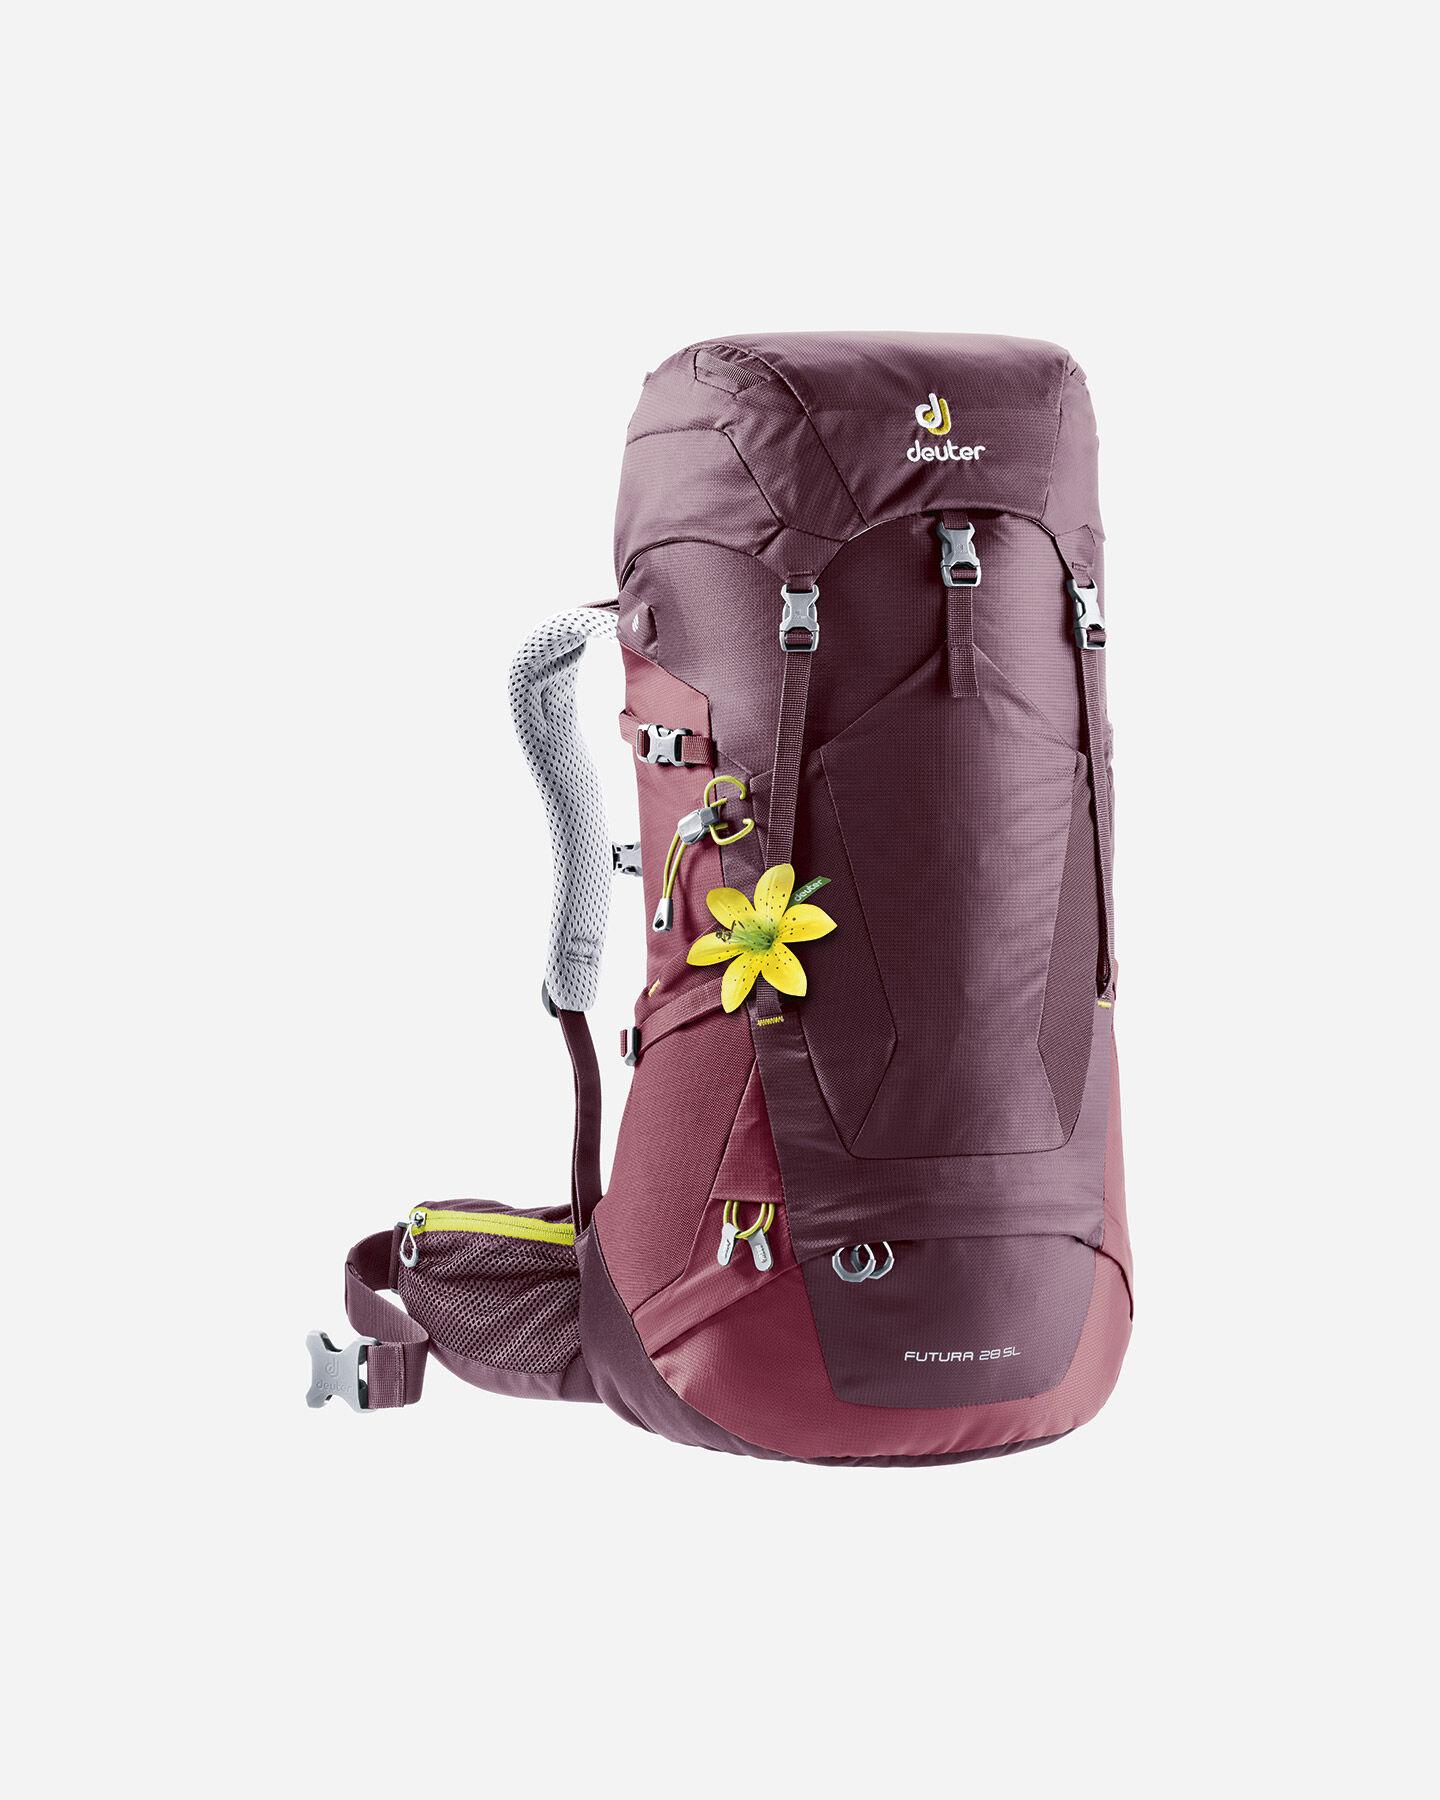 Zaino escursionismo DEUTER FUTURA 28 SL RC S4077424|5525|UNI scatto 0